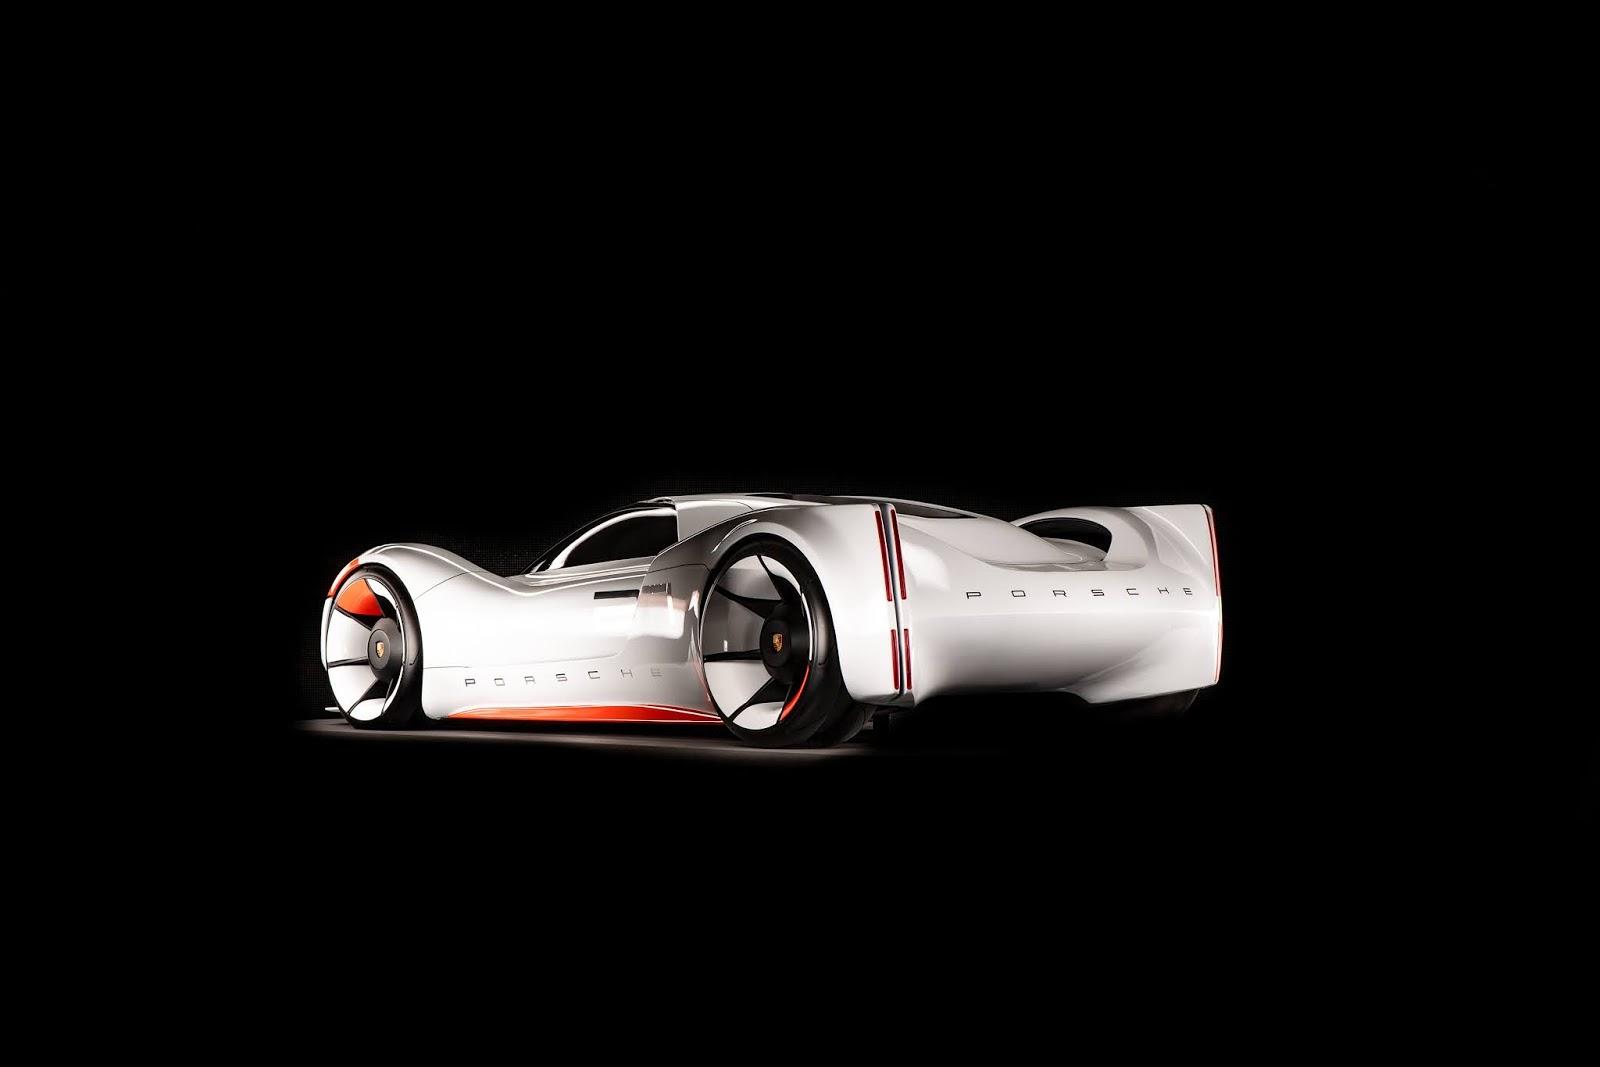 DSC9298 3 Τα άγνωστα Hypercars της Porsche hypercar, Porsche, Porsche Unseen, Sunday, supercar, supercars, zblog, ειδήσεις